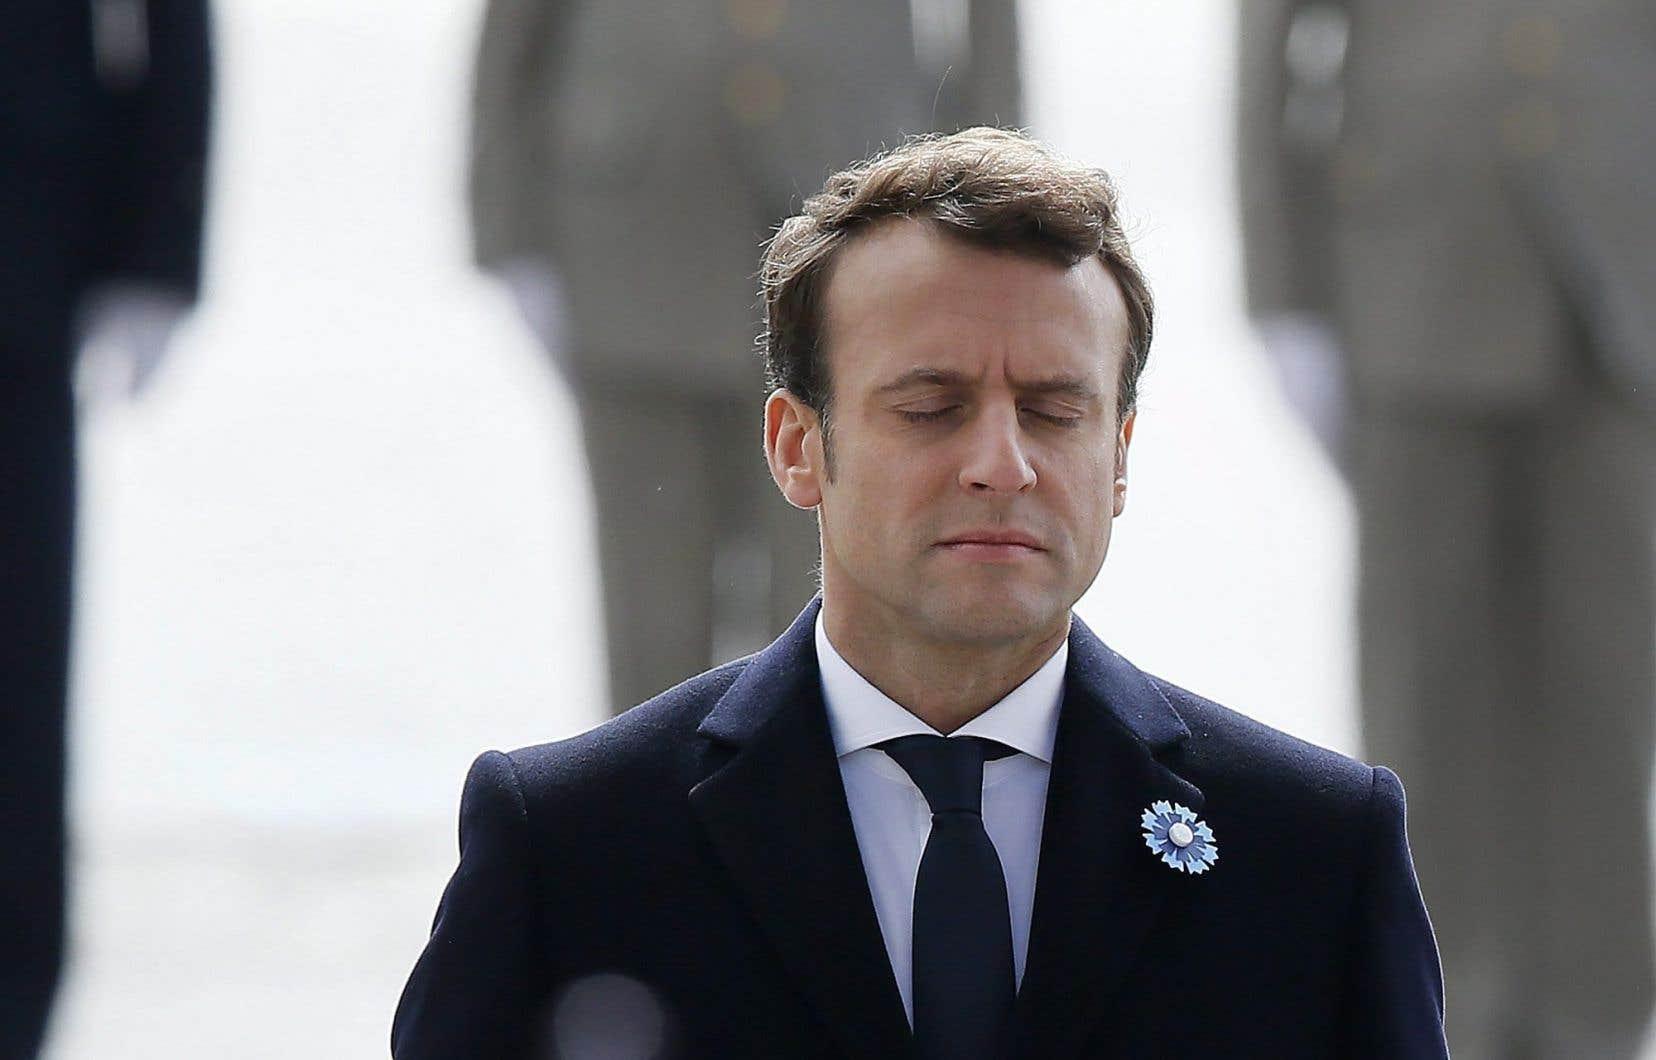 Le président désigné de la France, Emmanuel Macron